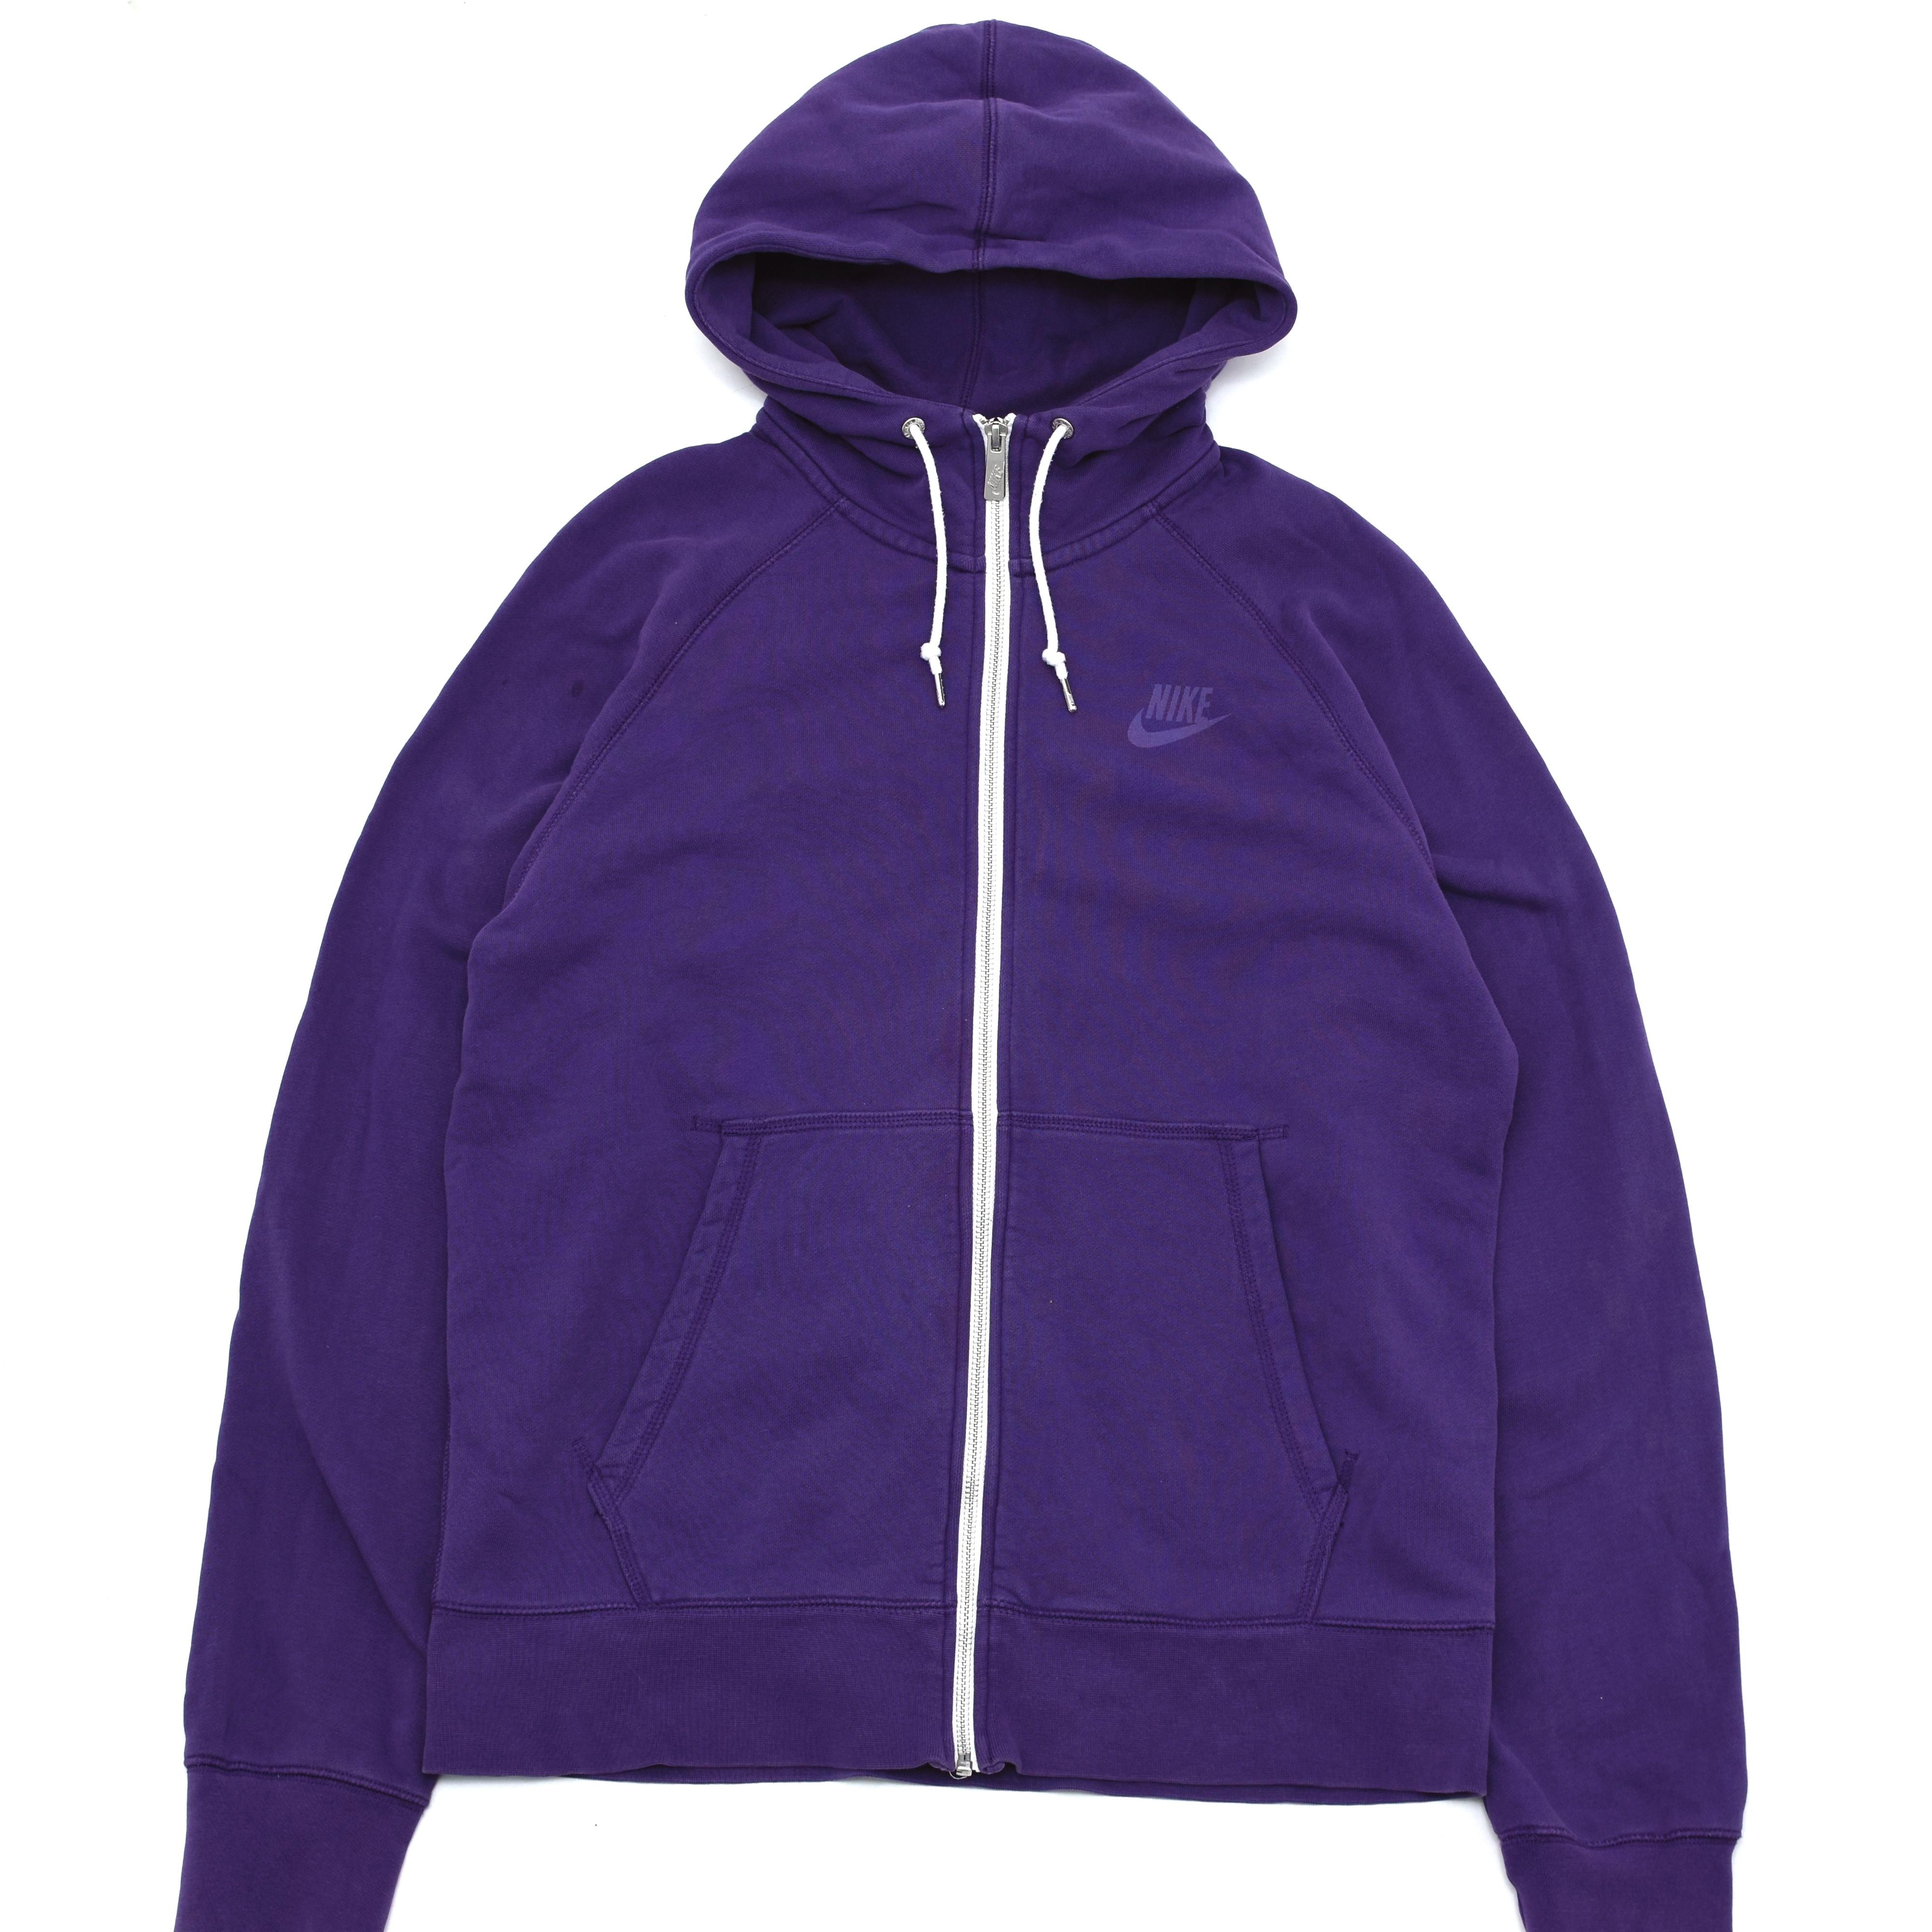 NIKE one point logo zip up hoodie